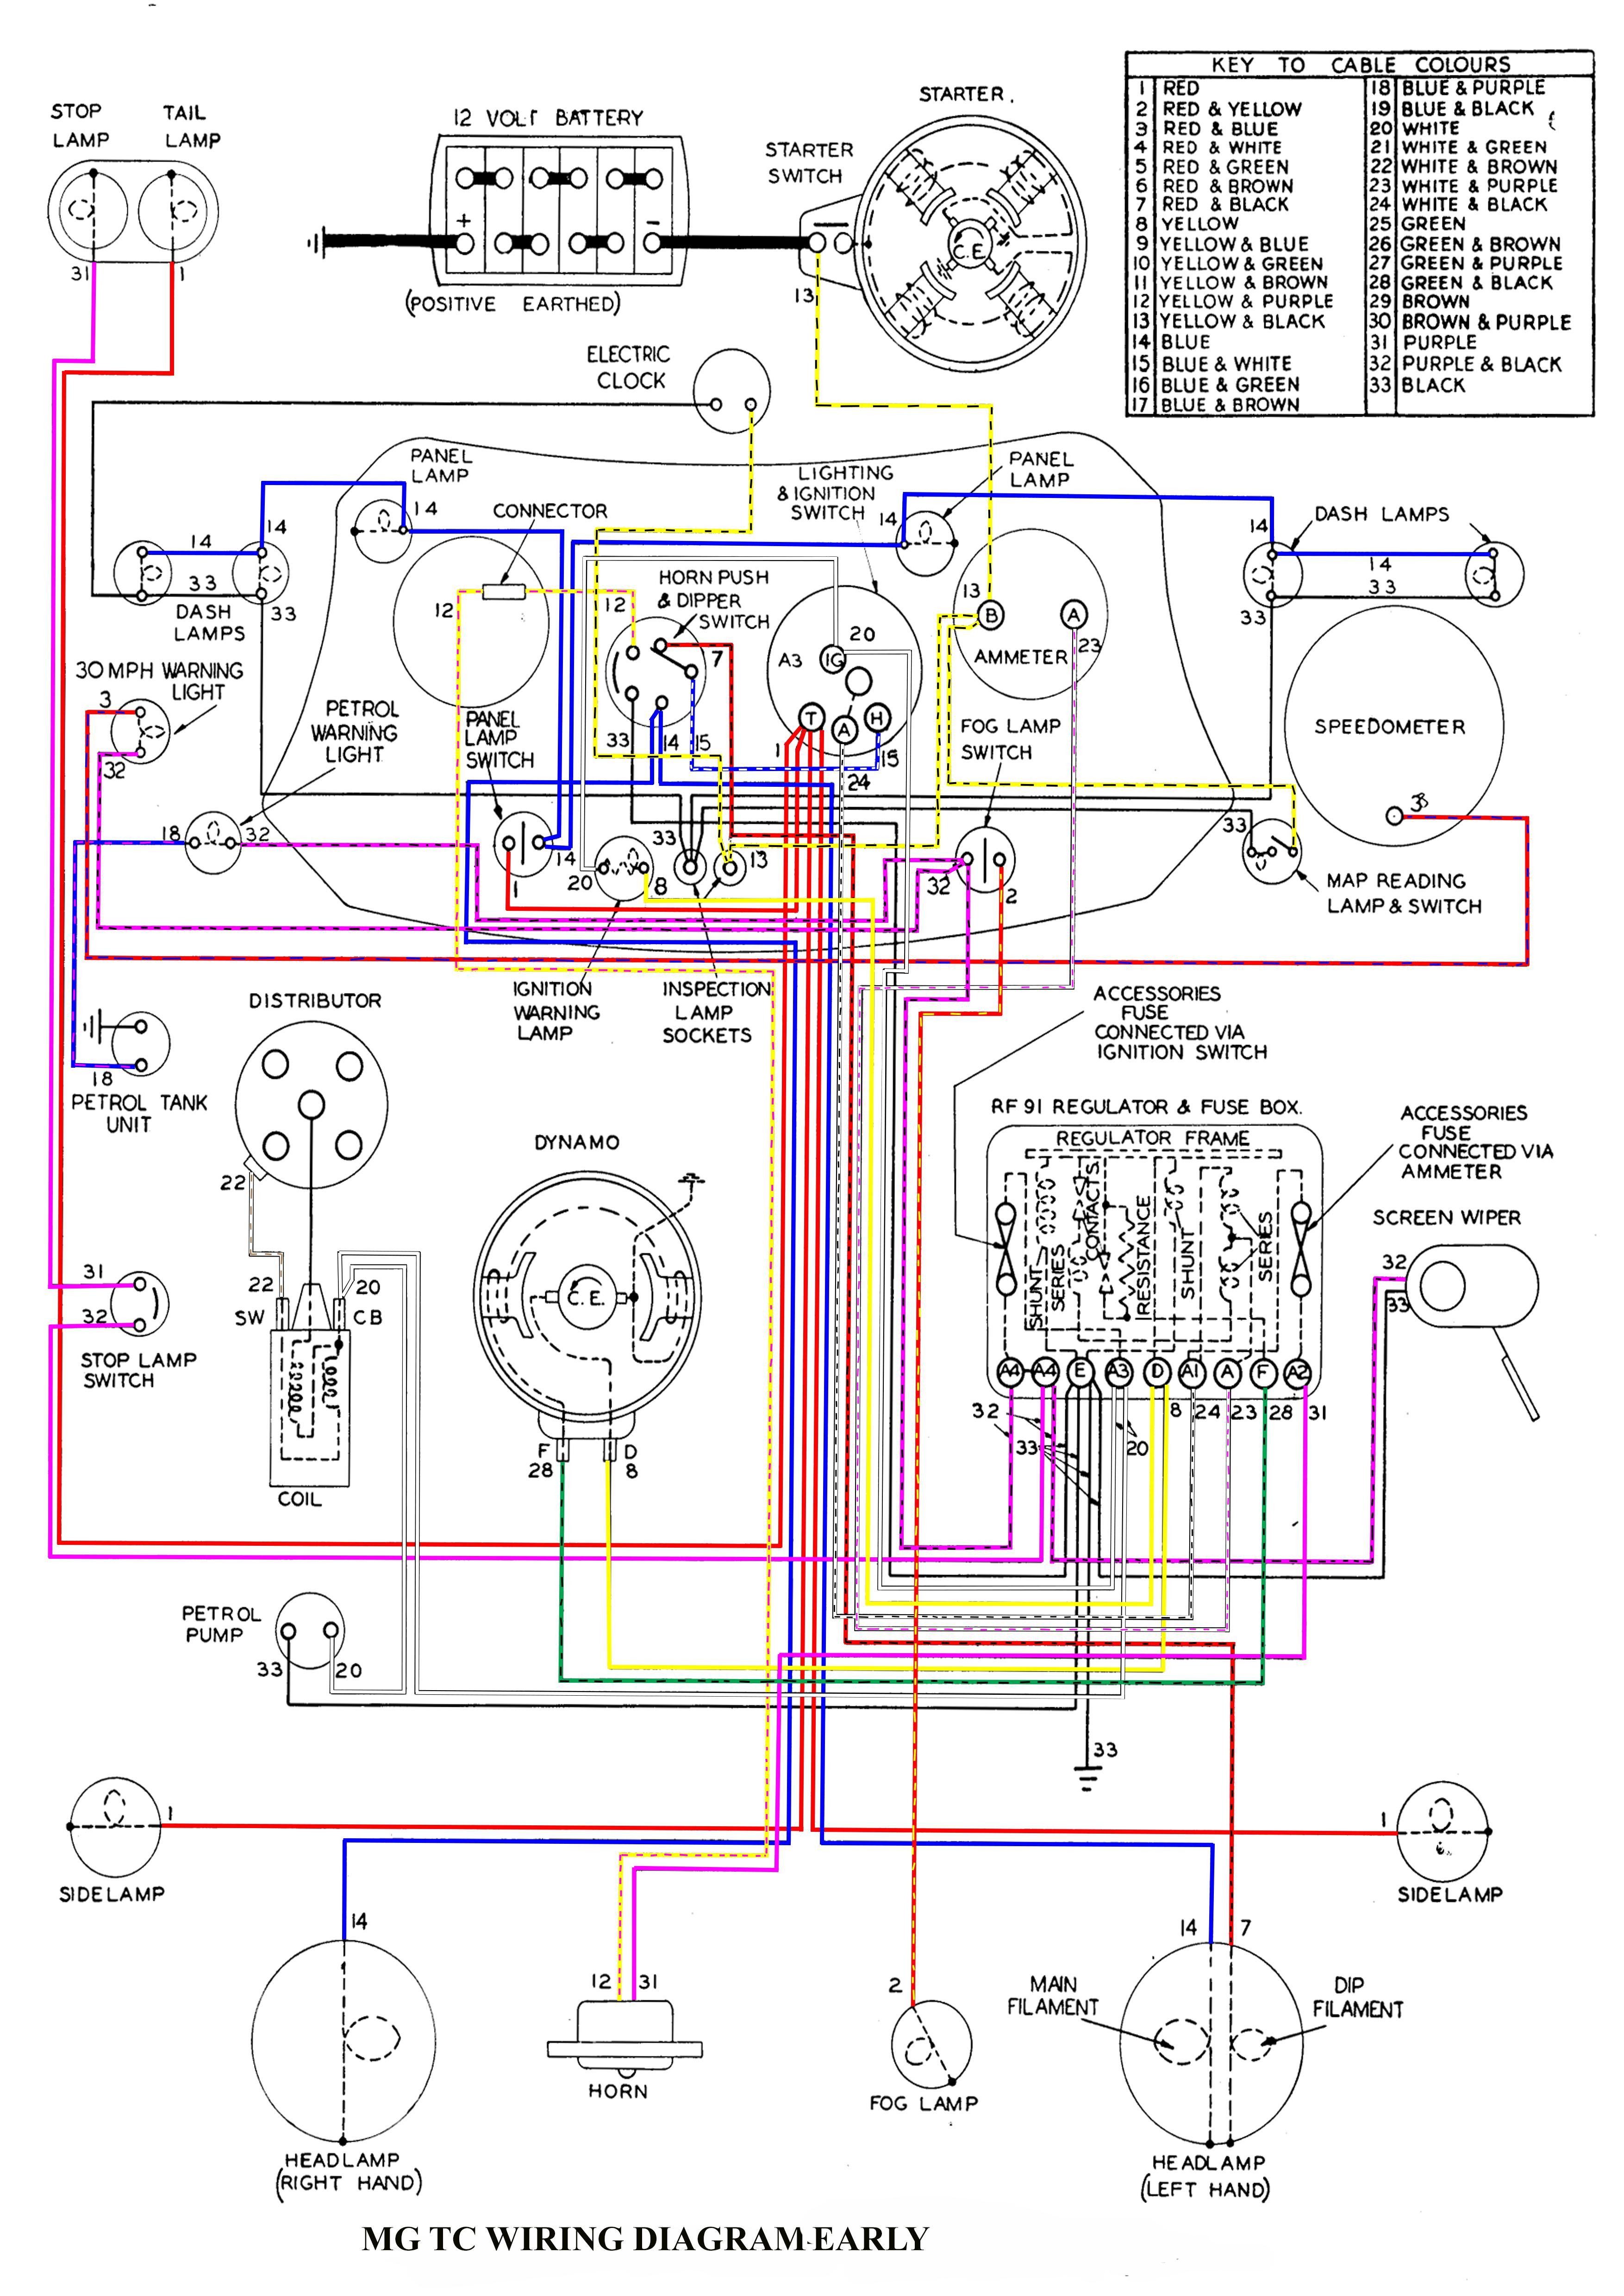 Diagram 9102 Metasys Tc Wiring Diagram Full Version Hd Quality Wiring Diagram Diagramspier Campionatiscipc2020 It